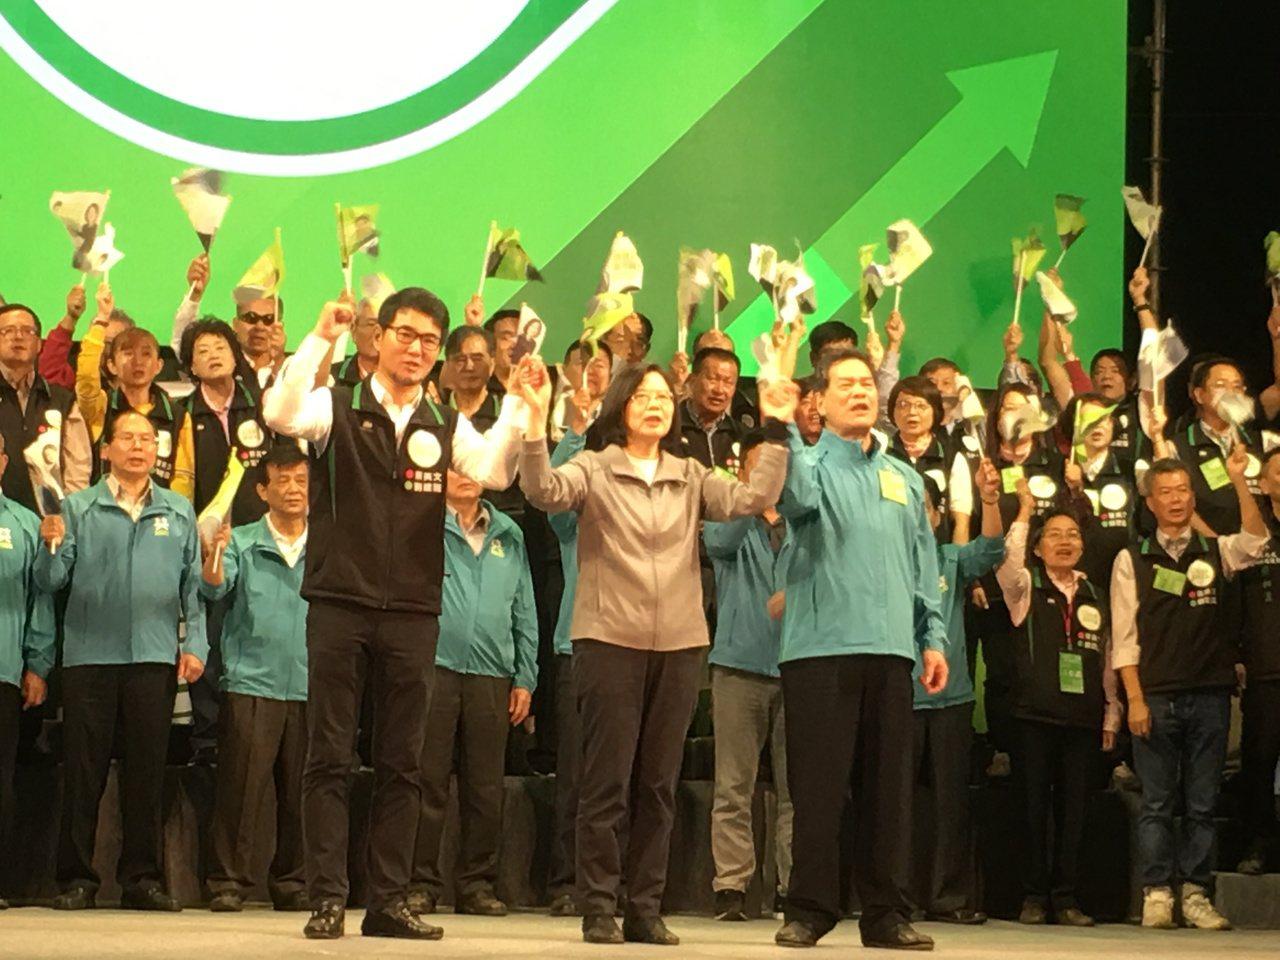 蔡英文總統連續兩天在雲林現身,她說雲林是關鍵選區。記者陳雅玲/攝影